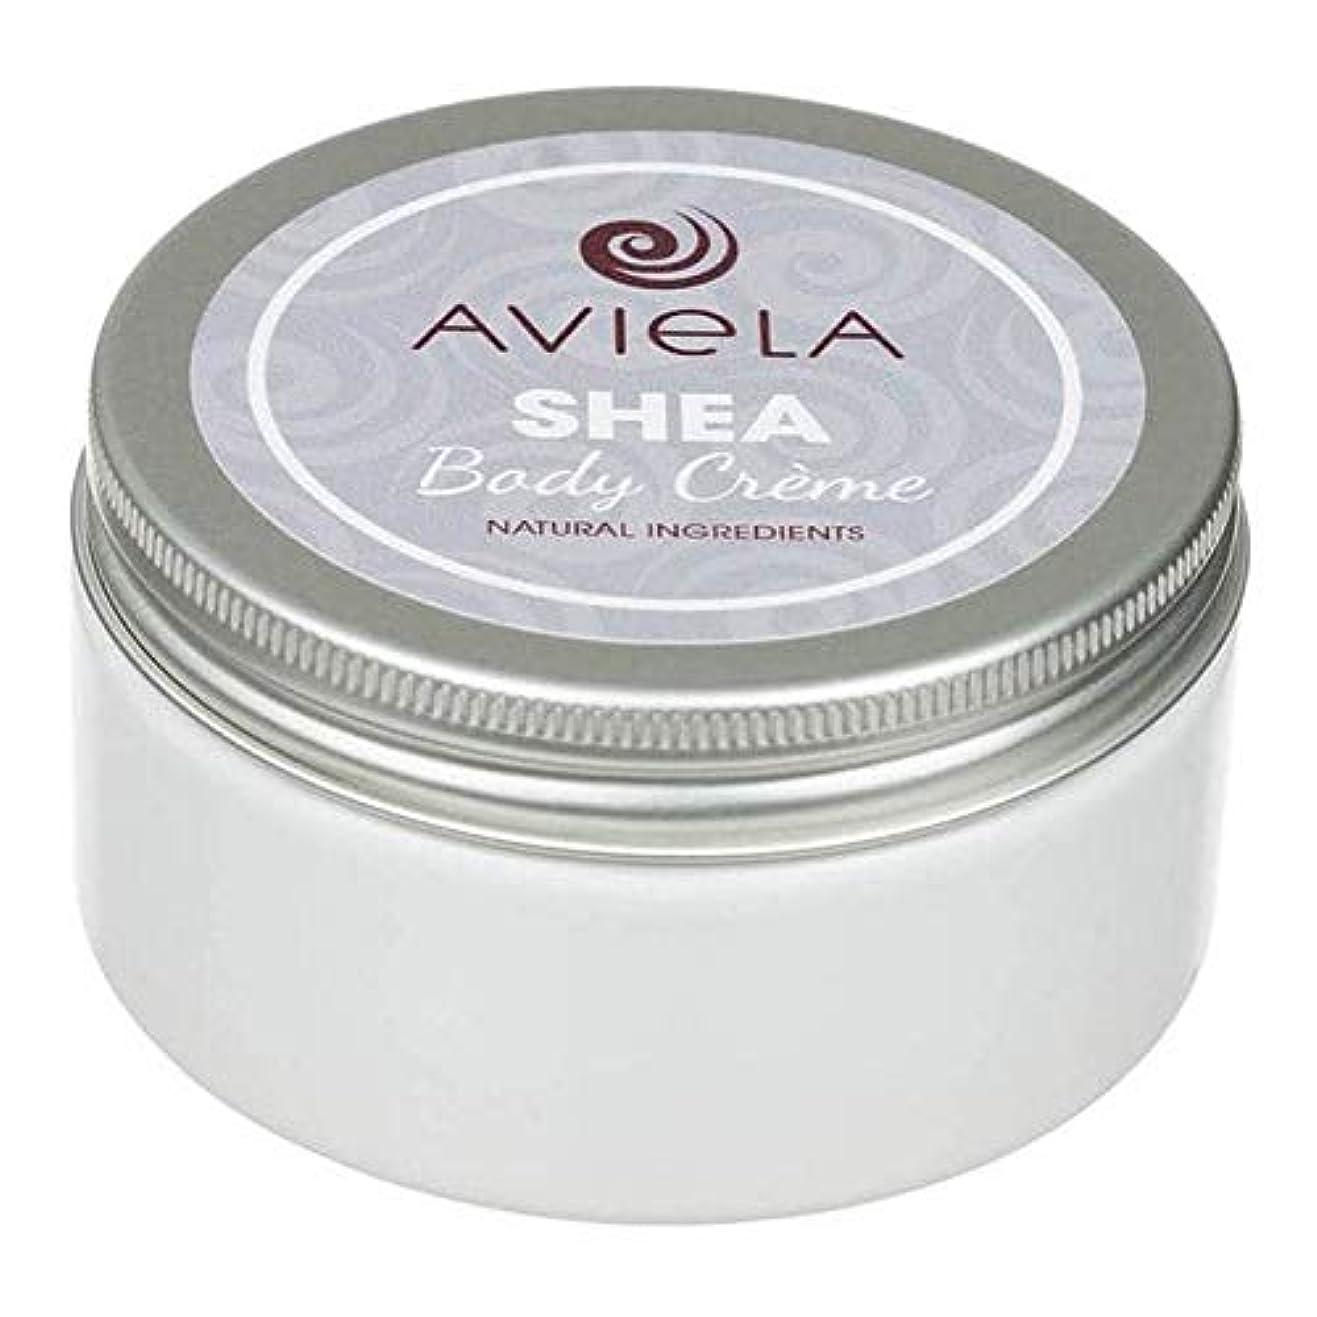 プロポーショナルクレーン説得力のある[Aviela] Avielaシアボディクリーム200グラム - Aviela Shea Body Creme 200g [並行輸入品]